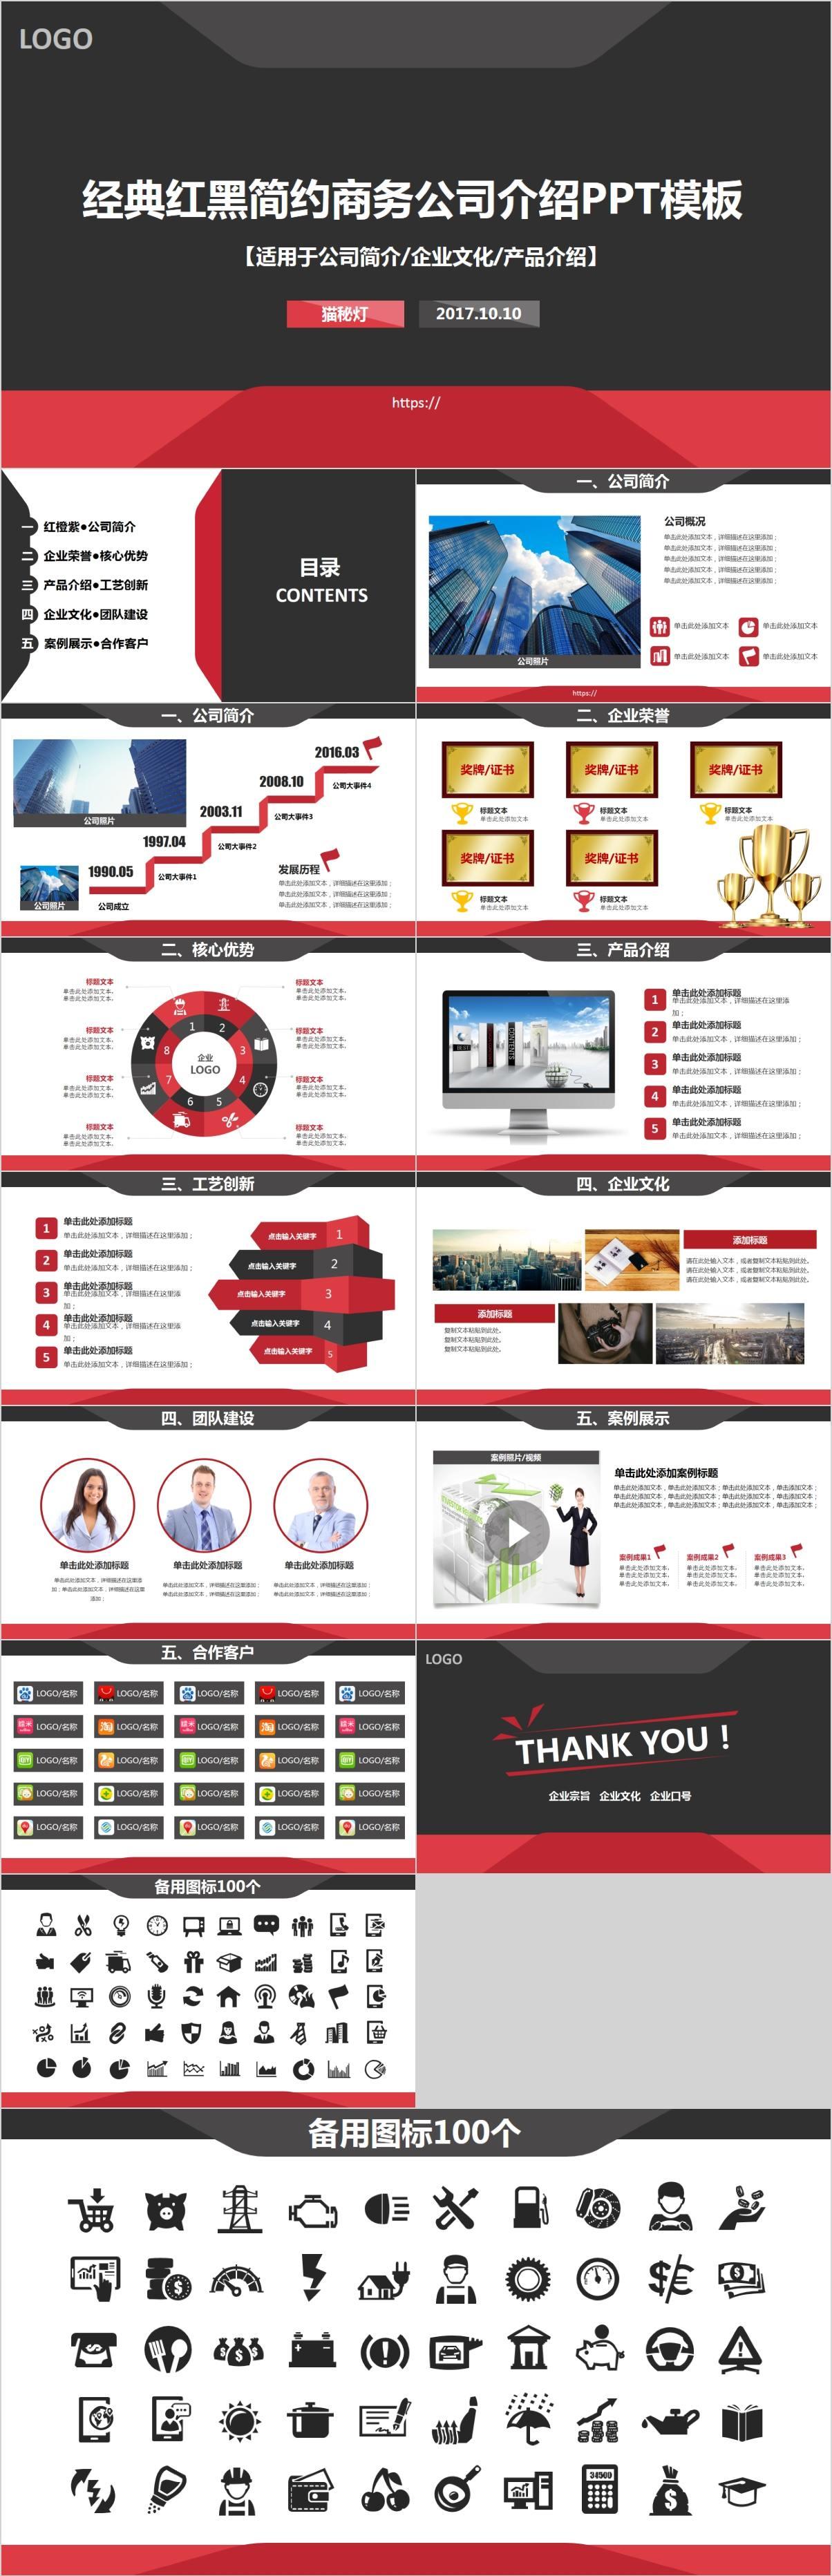 经典红黑简约商务公司介绍PPT模板